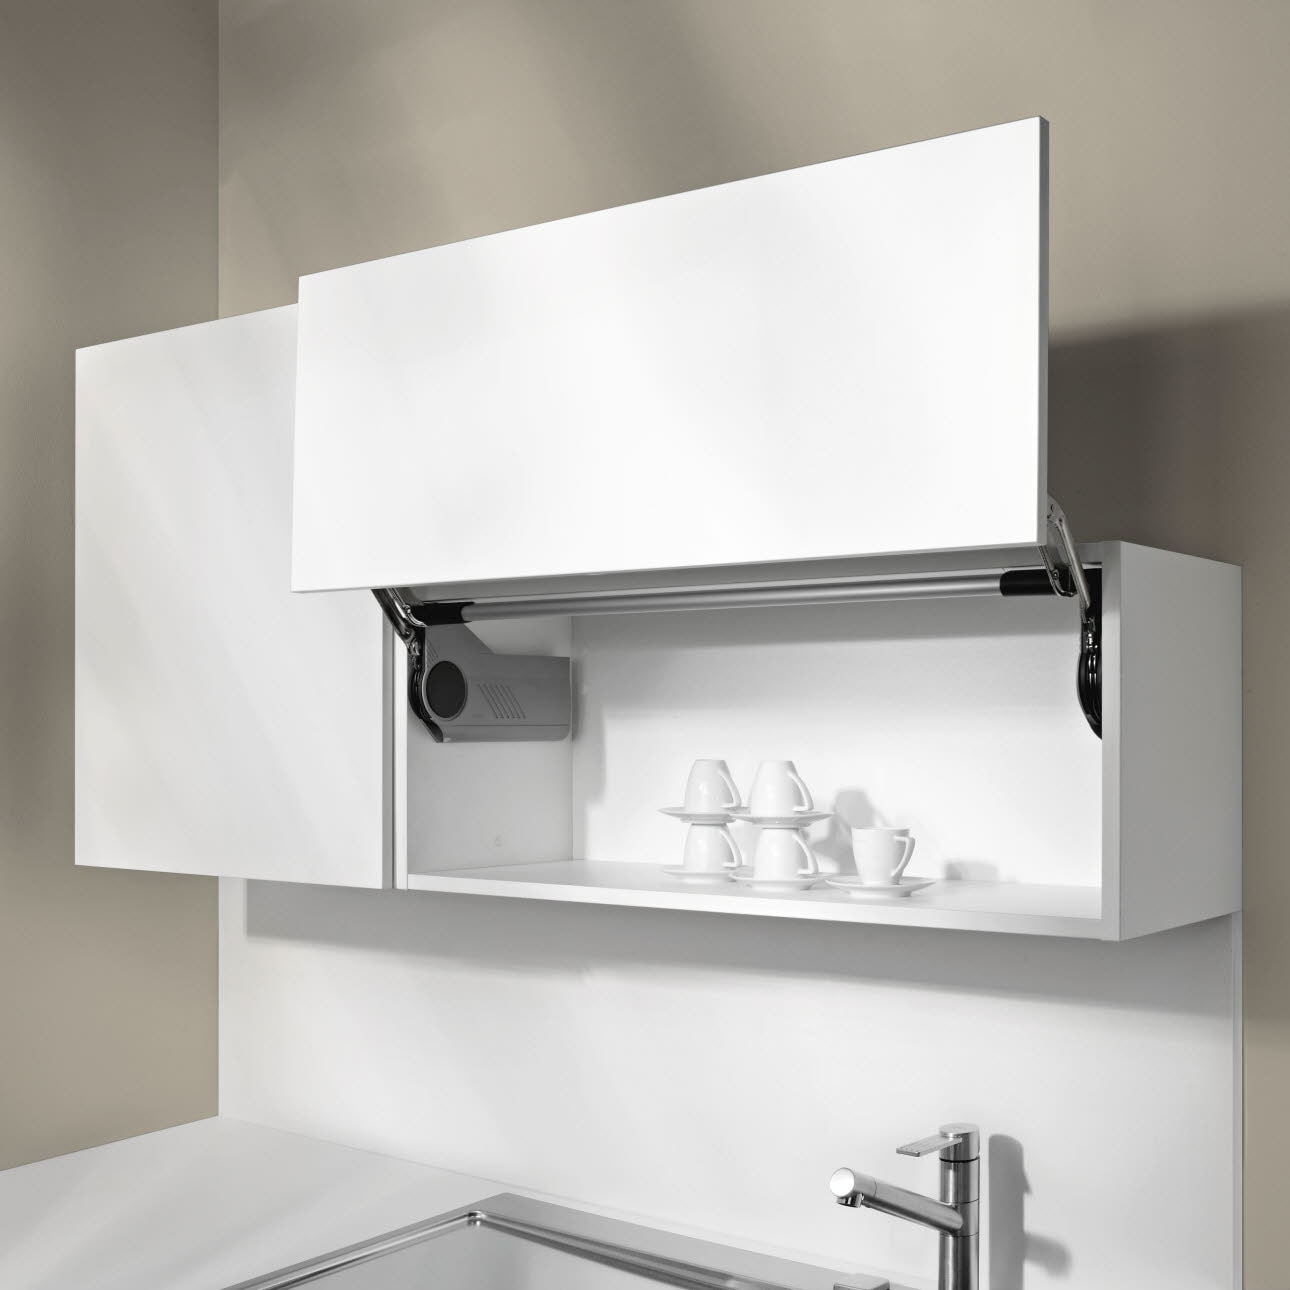 kchen oberschrank gallery of affordable affordable kche. Black Bedroom Furniture Sets. Home Design Ideas